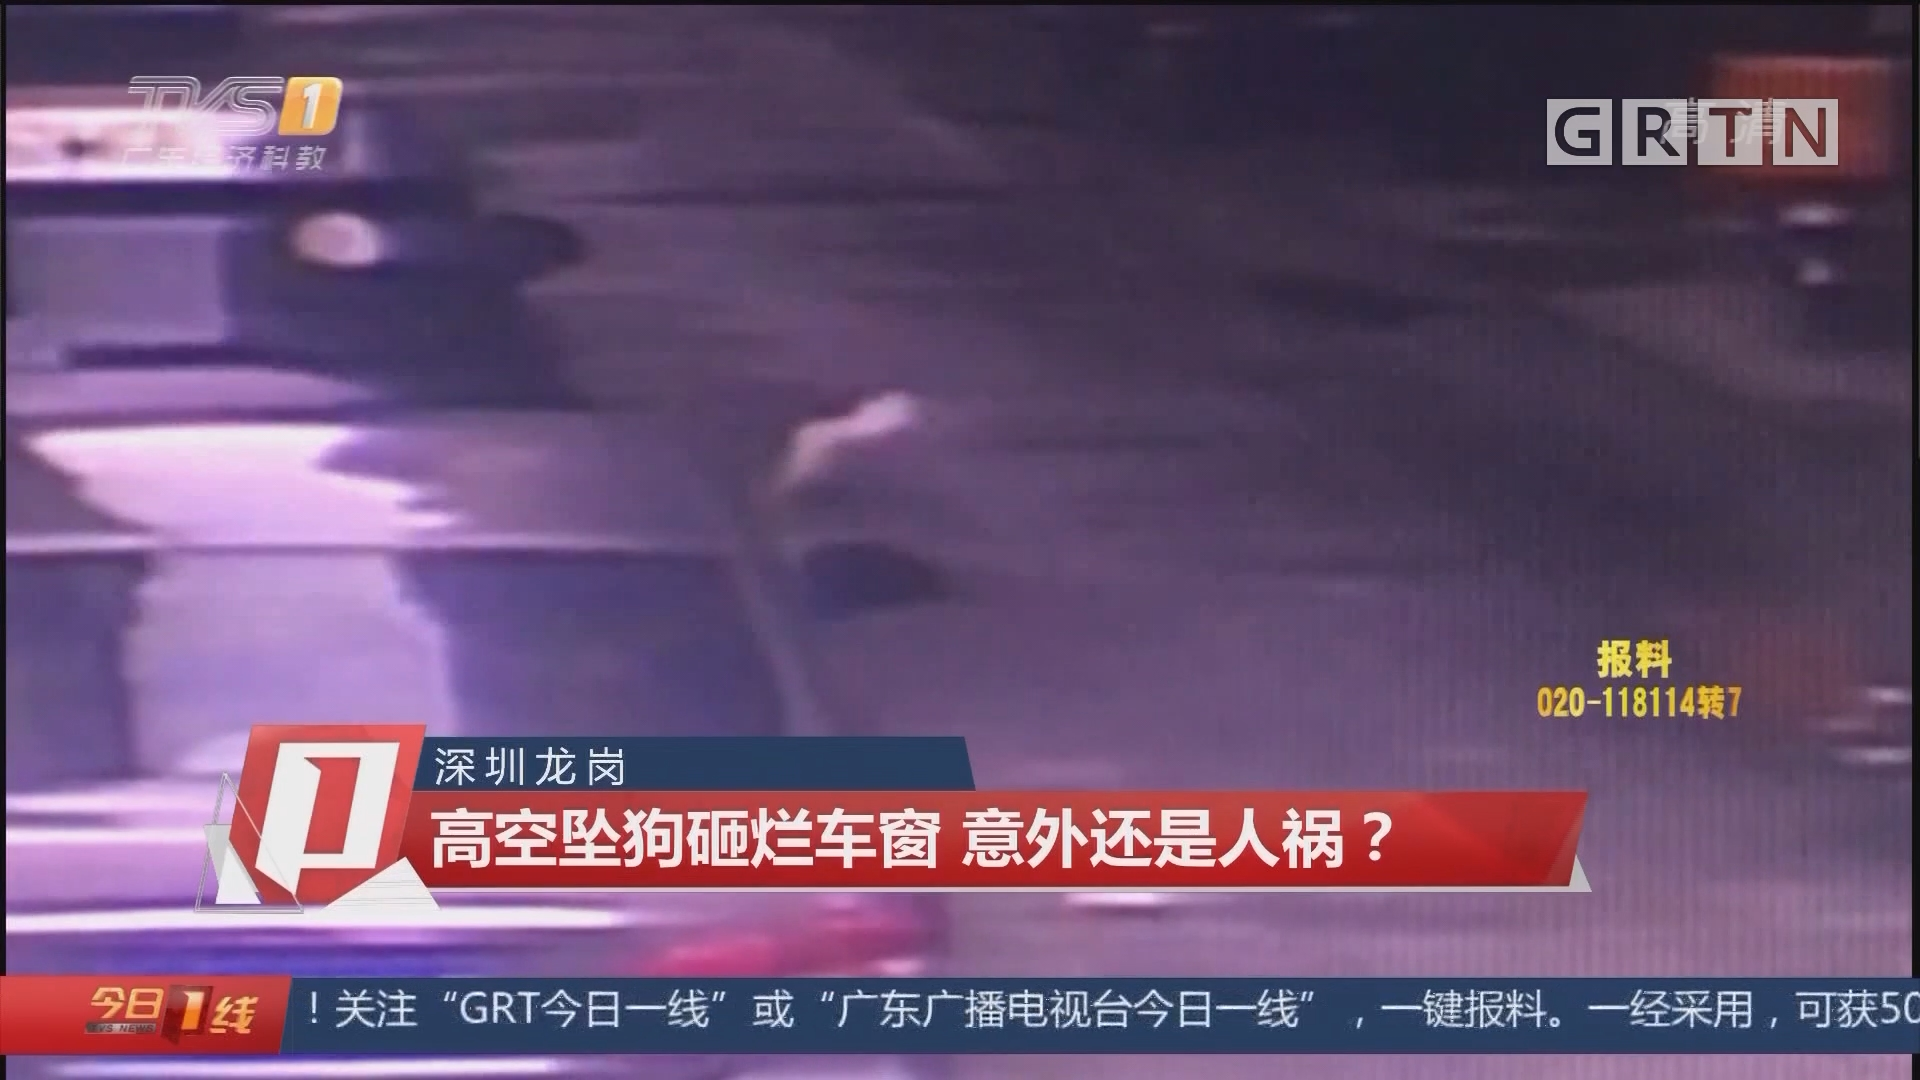 深圳龙岗:高空坠狗砸烂车窗 意外还是人祸?